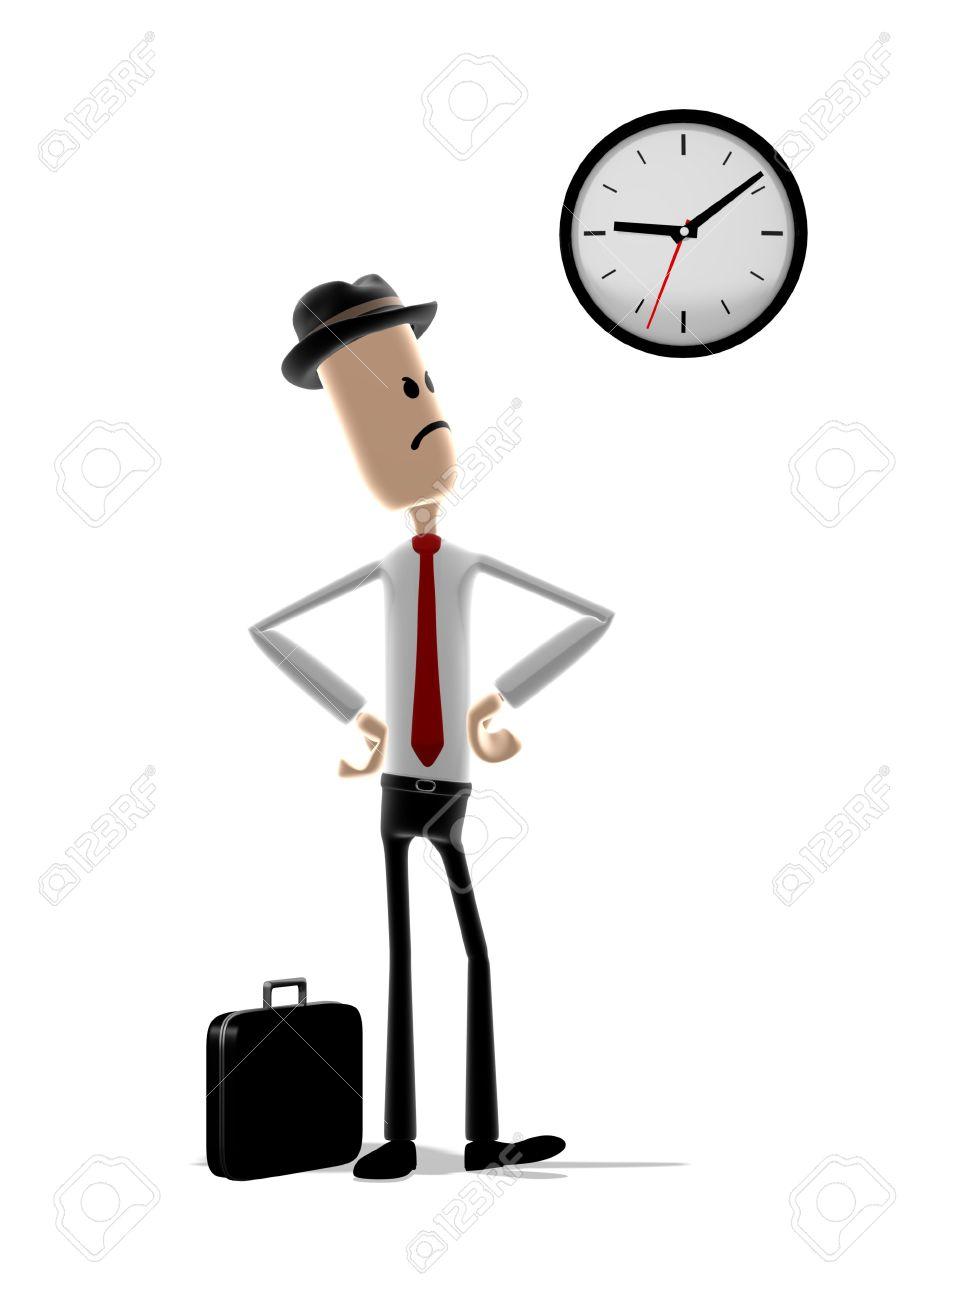 """"""" Il logo della settimana """" 2nd sessione 4113264-dibujos-animados-con-indignaci%C3%B3n-por-el-hombre-mira-el-reloj-mientras-espera-a-que-alguien"""